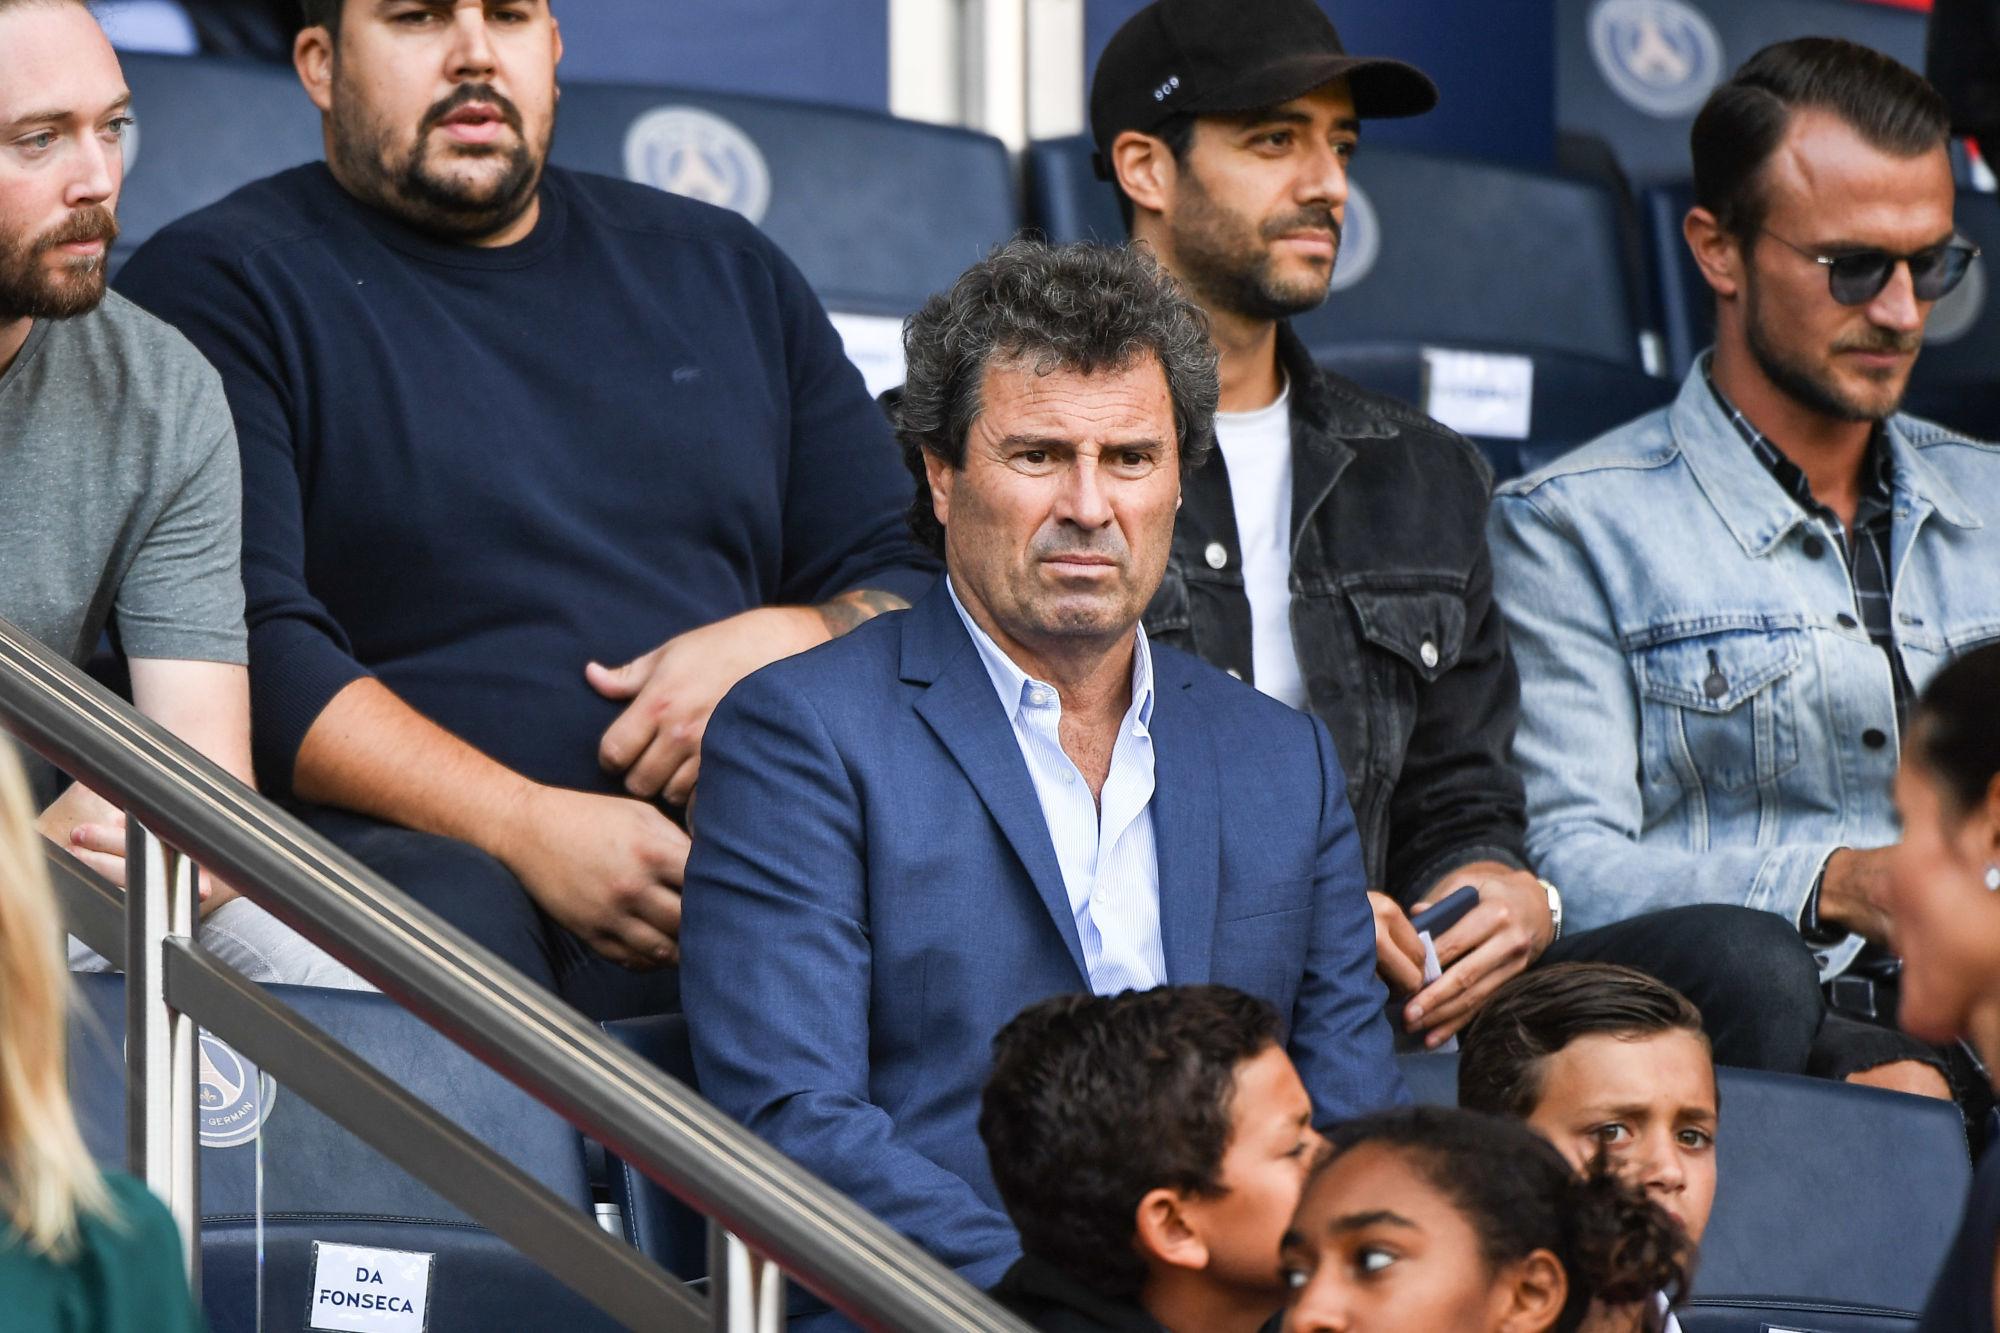 """PSG/Monaco - Da Fonseca """"Monaco peut gagner. Et pour moi, ce ne serait pas forcément un exploit"""""""